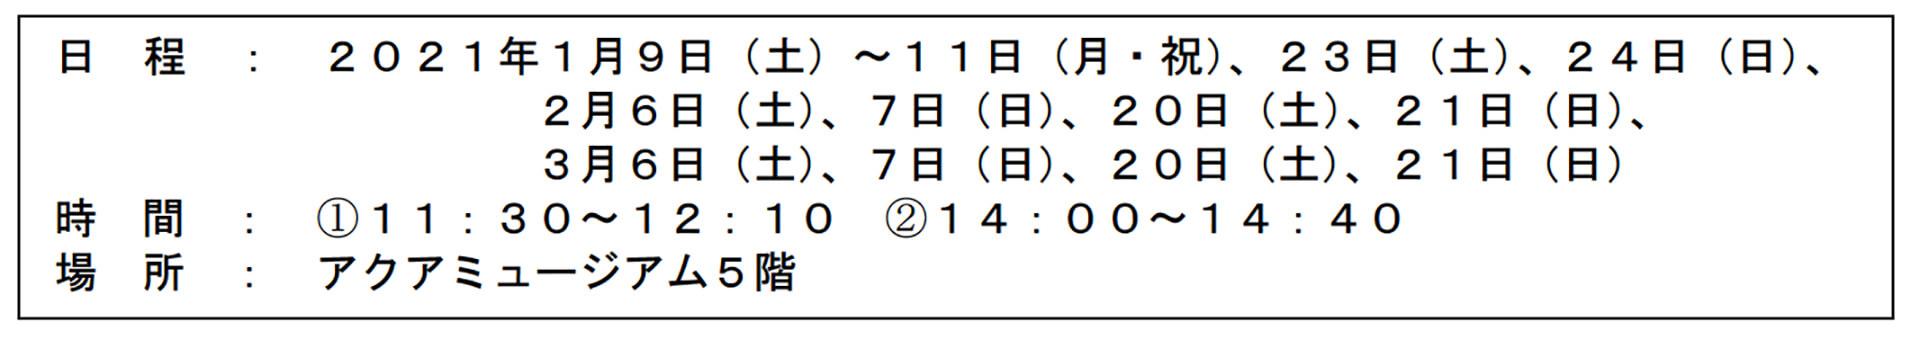 横浜・八景島シーパラダイス「深海生物まつり」